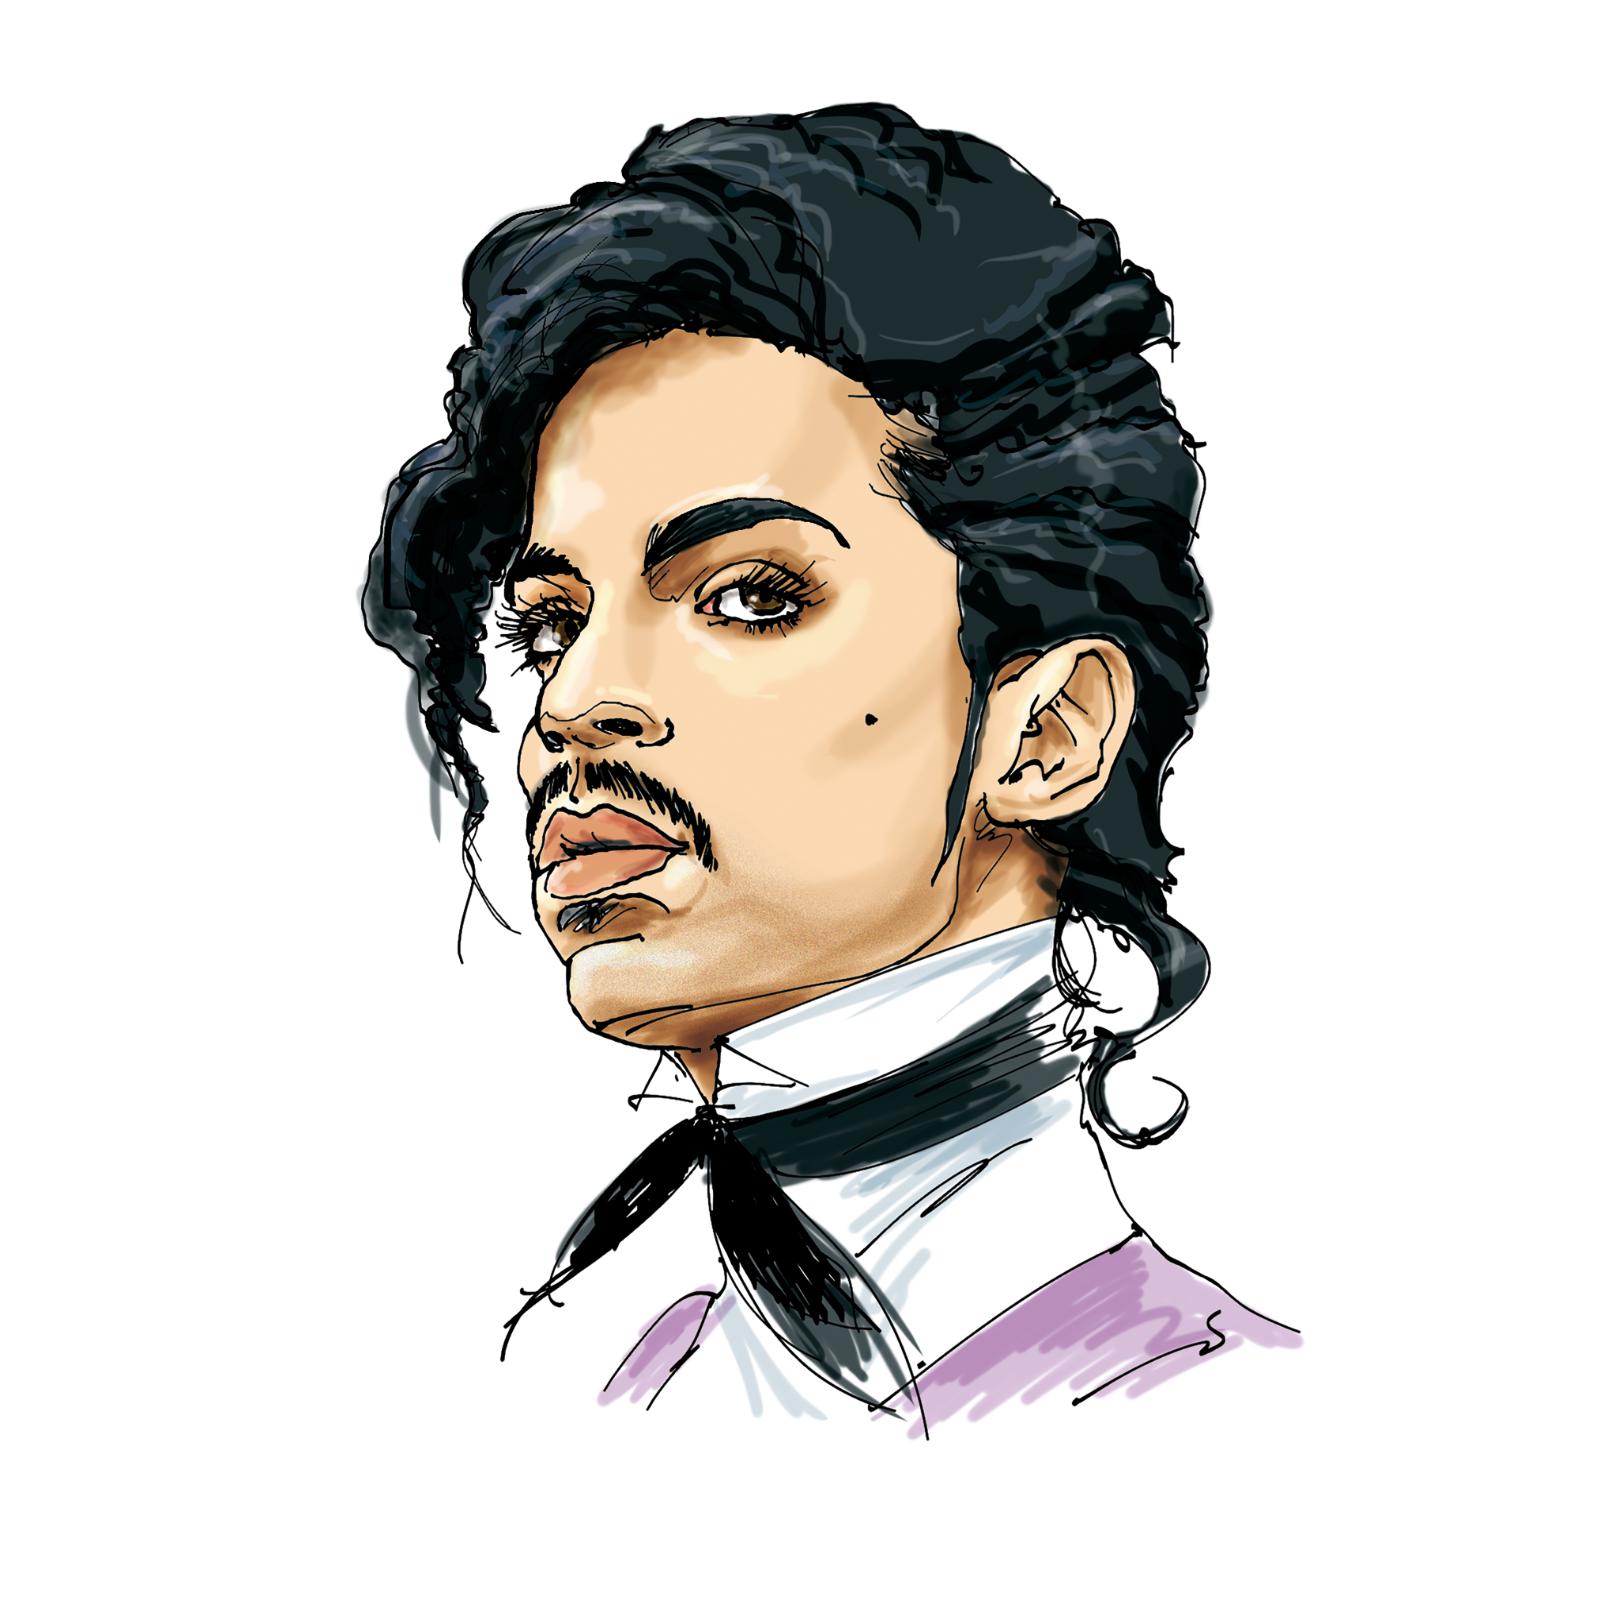 Tecknarens egna favorit, Prince.